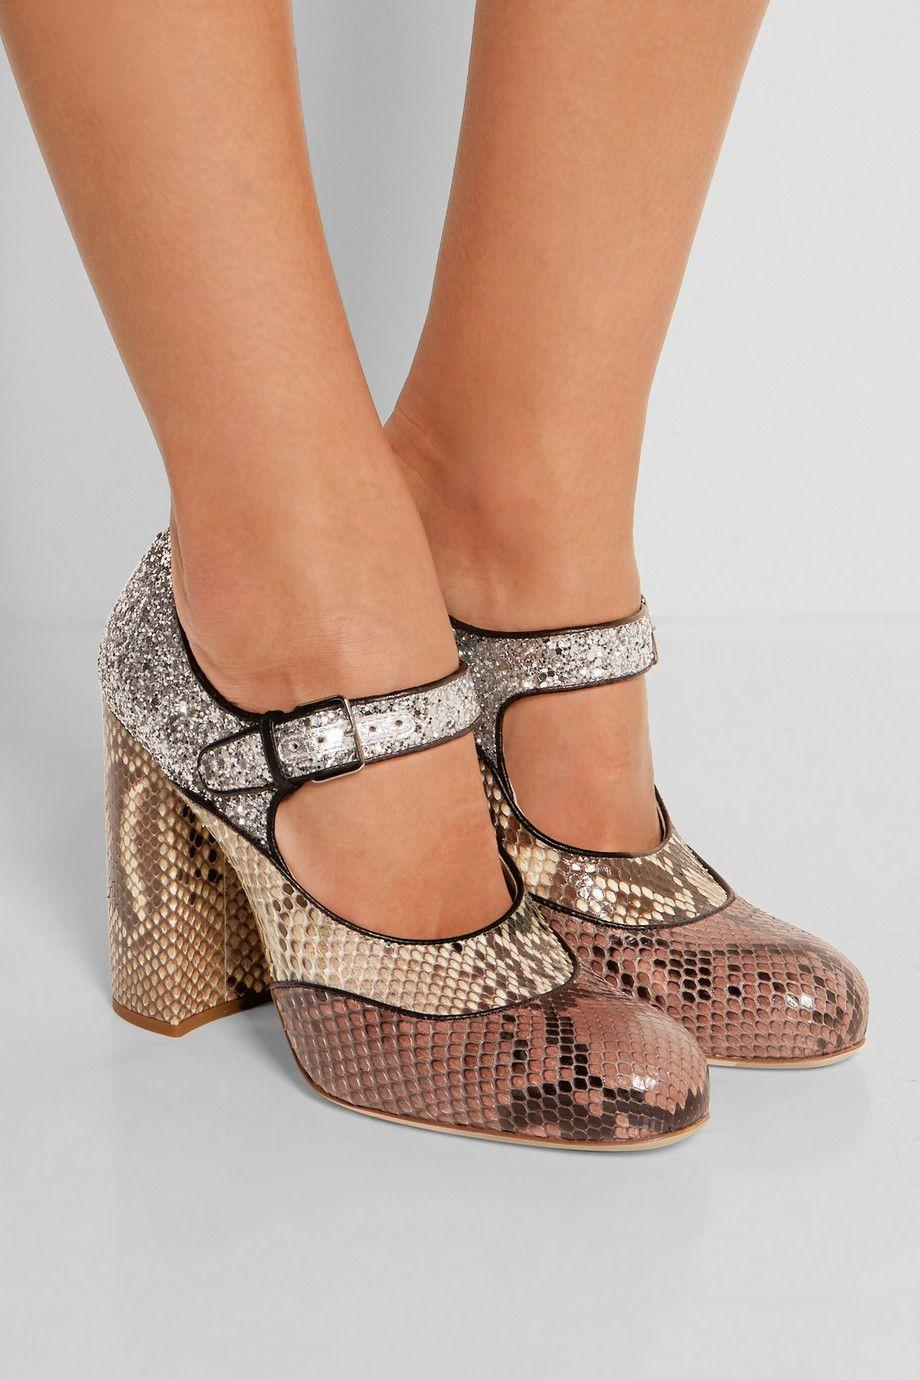 a7839066082 Miu Miu | Glitter-finished python Mary Jane pumps | NET-A-PORTER.COM ...